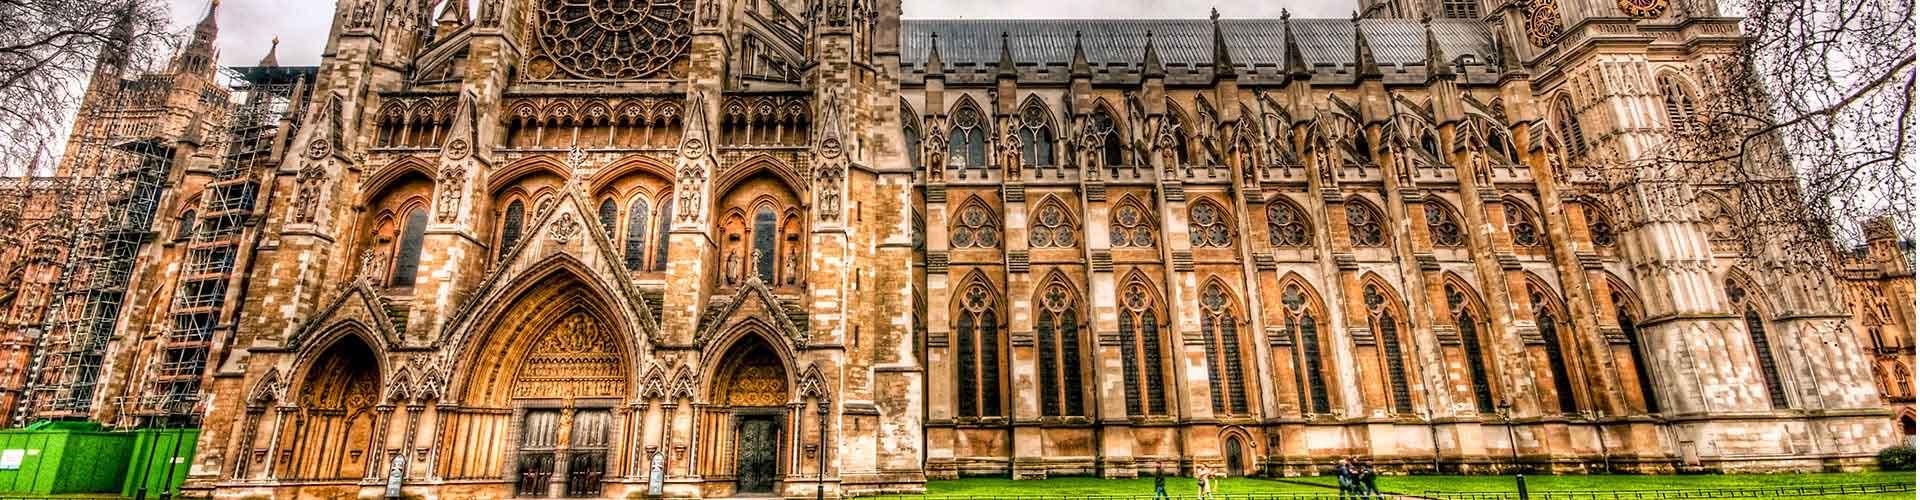 Londres - Auberges de jeunesse près de Westminster Abbey. Cartes de Londres, photos et commentaires pour chaque Auberge de jeunesse à Londres.